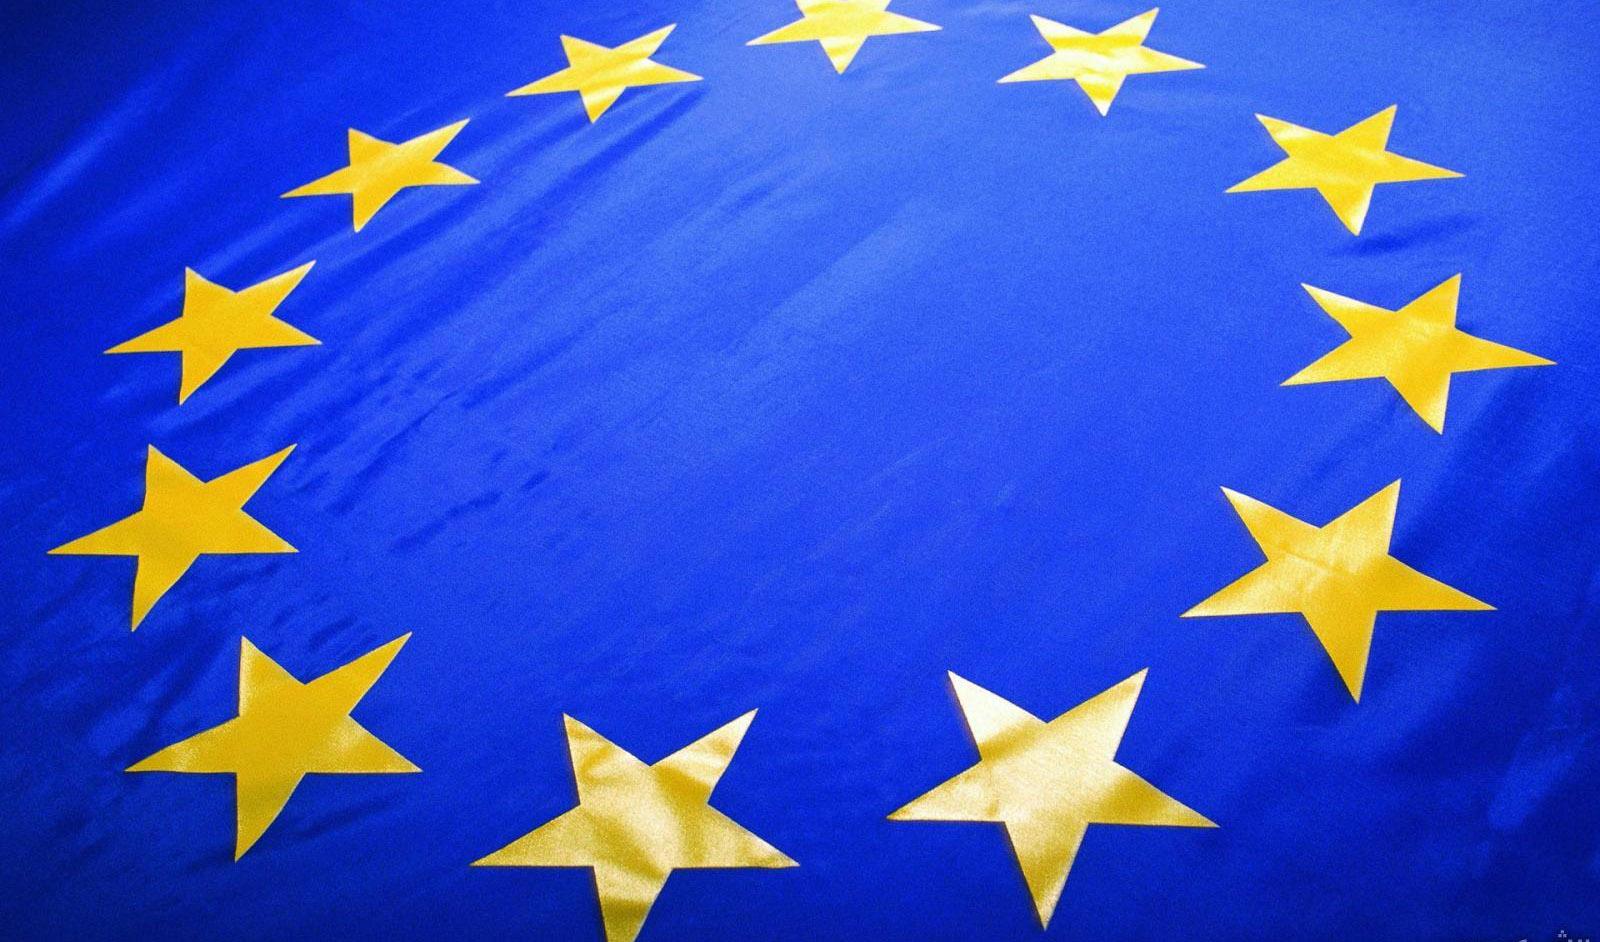 بیانیه مشترک کشورهای اروپایی درباره افزایش ذخایر اورانیوم ایران